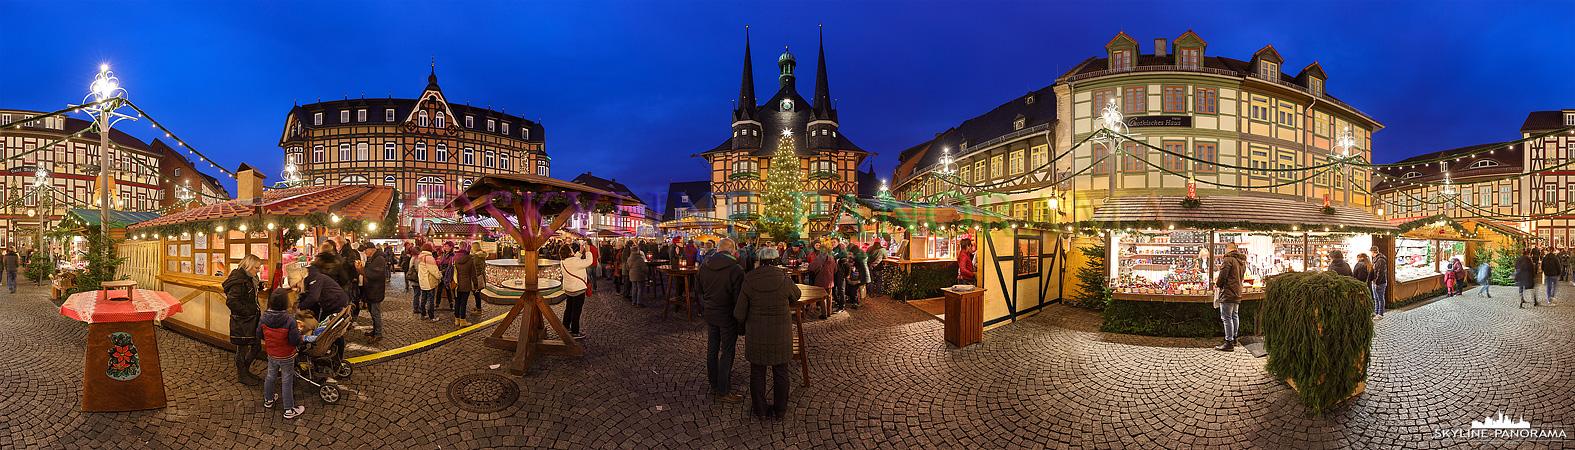 Bilder aus dem Harz - Der Wernigeröder Weihnachtsmarkt als Panorama in den Abendstunden.